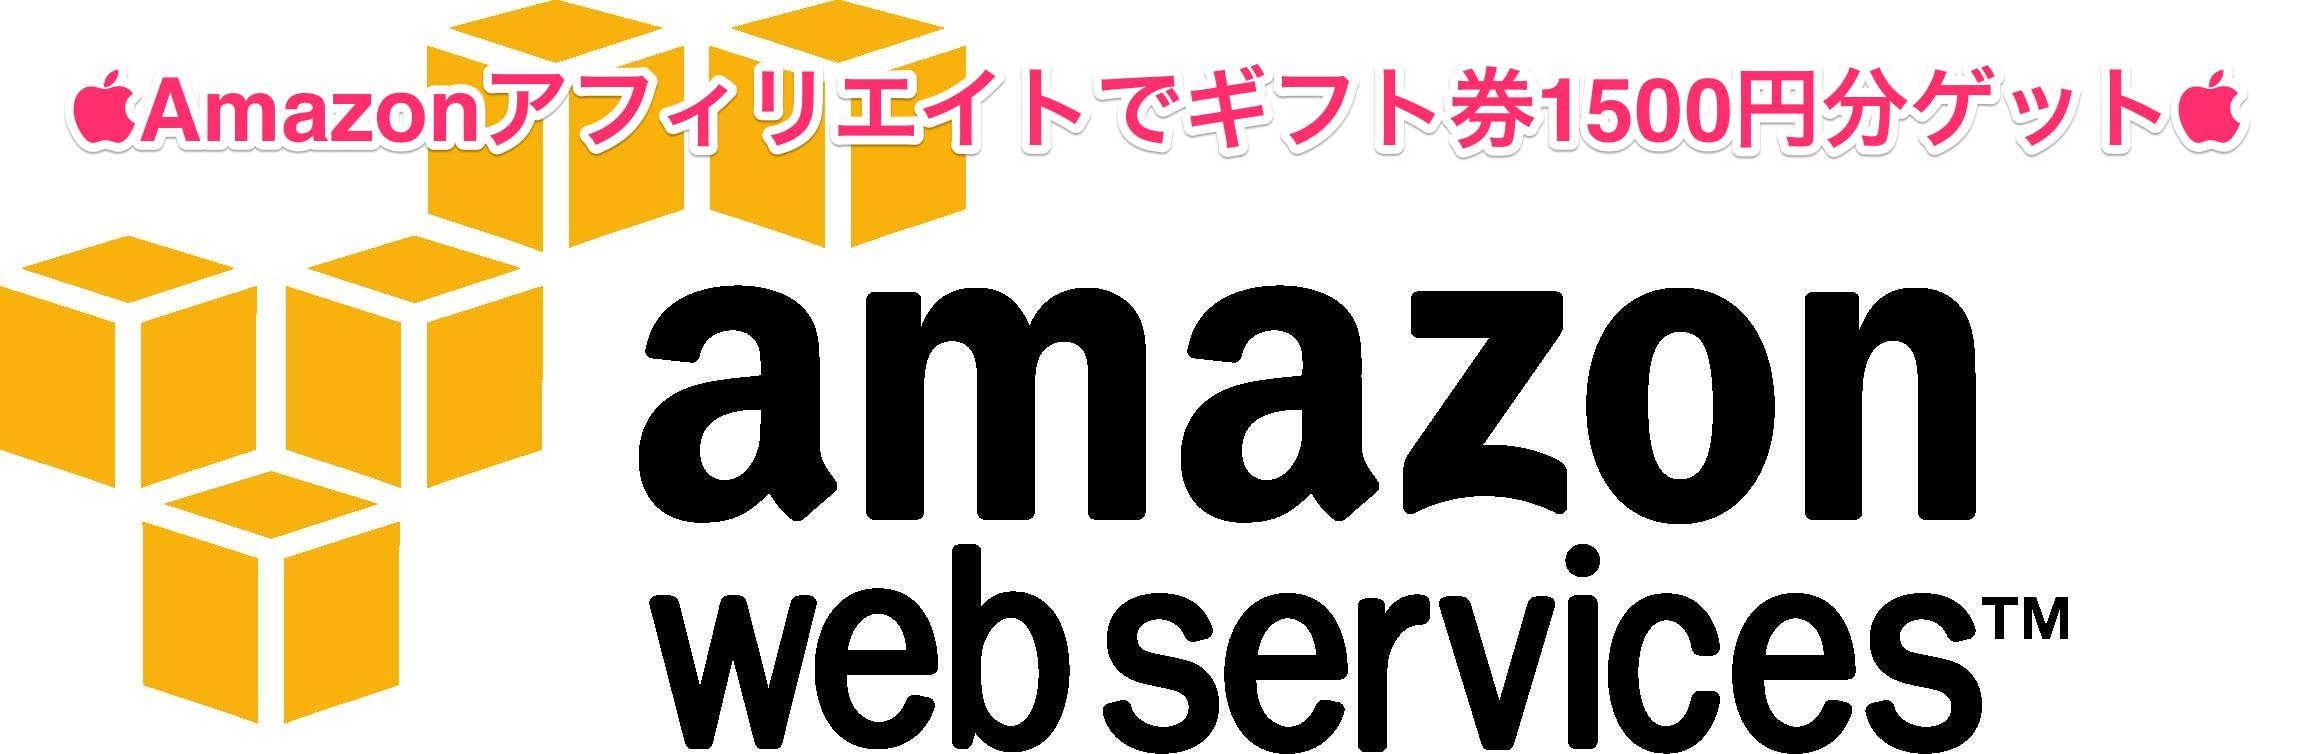 Amazonアフィリエイトから1000円分のギフト券が送られてきた!!